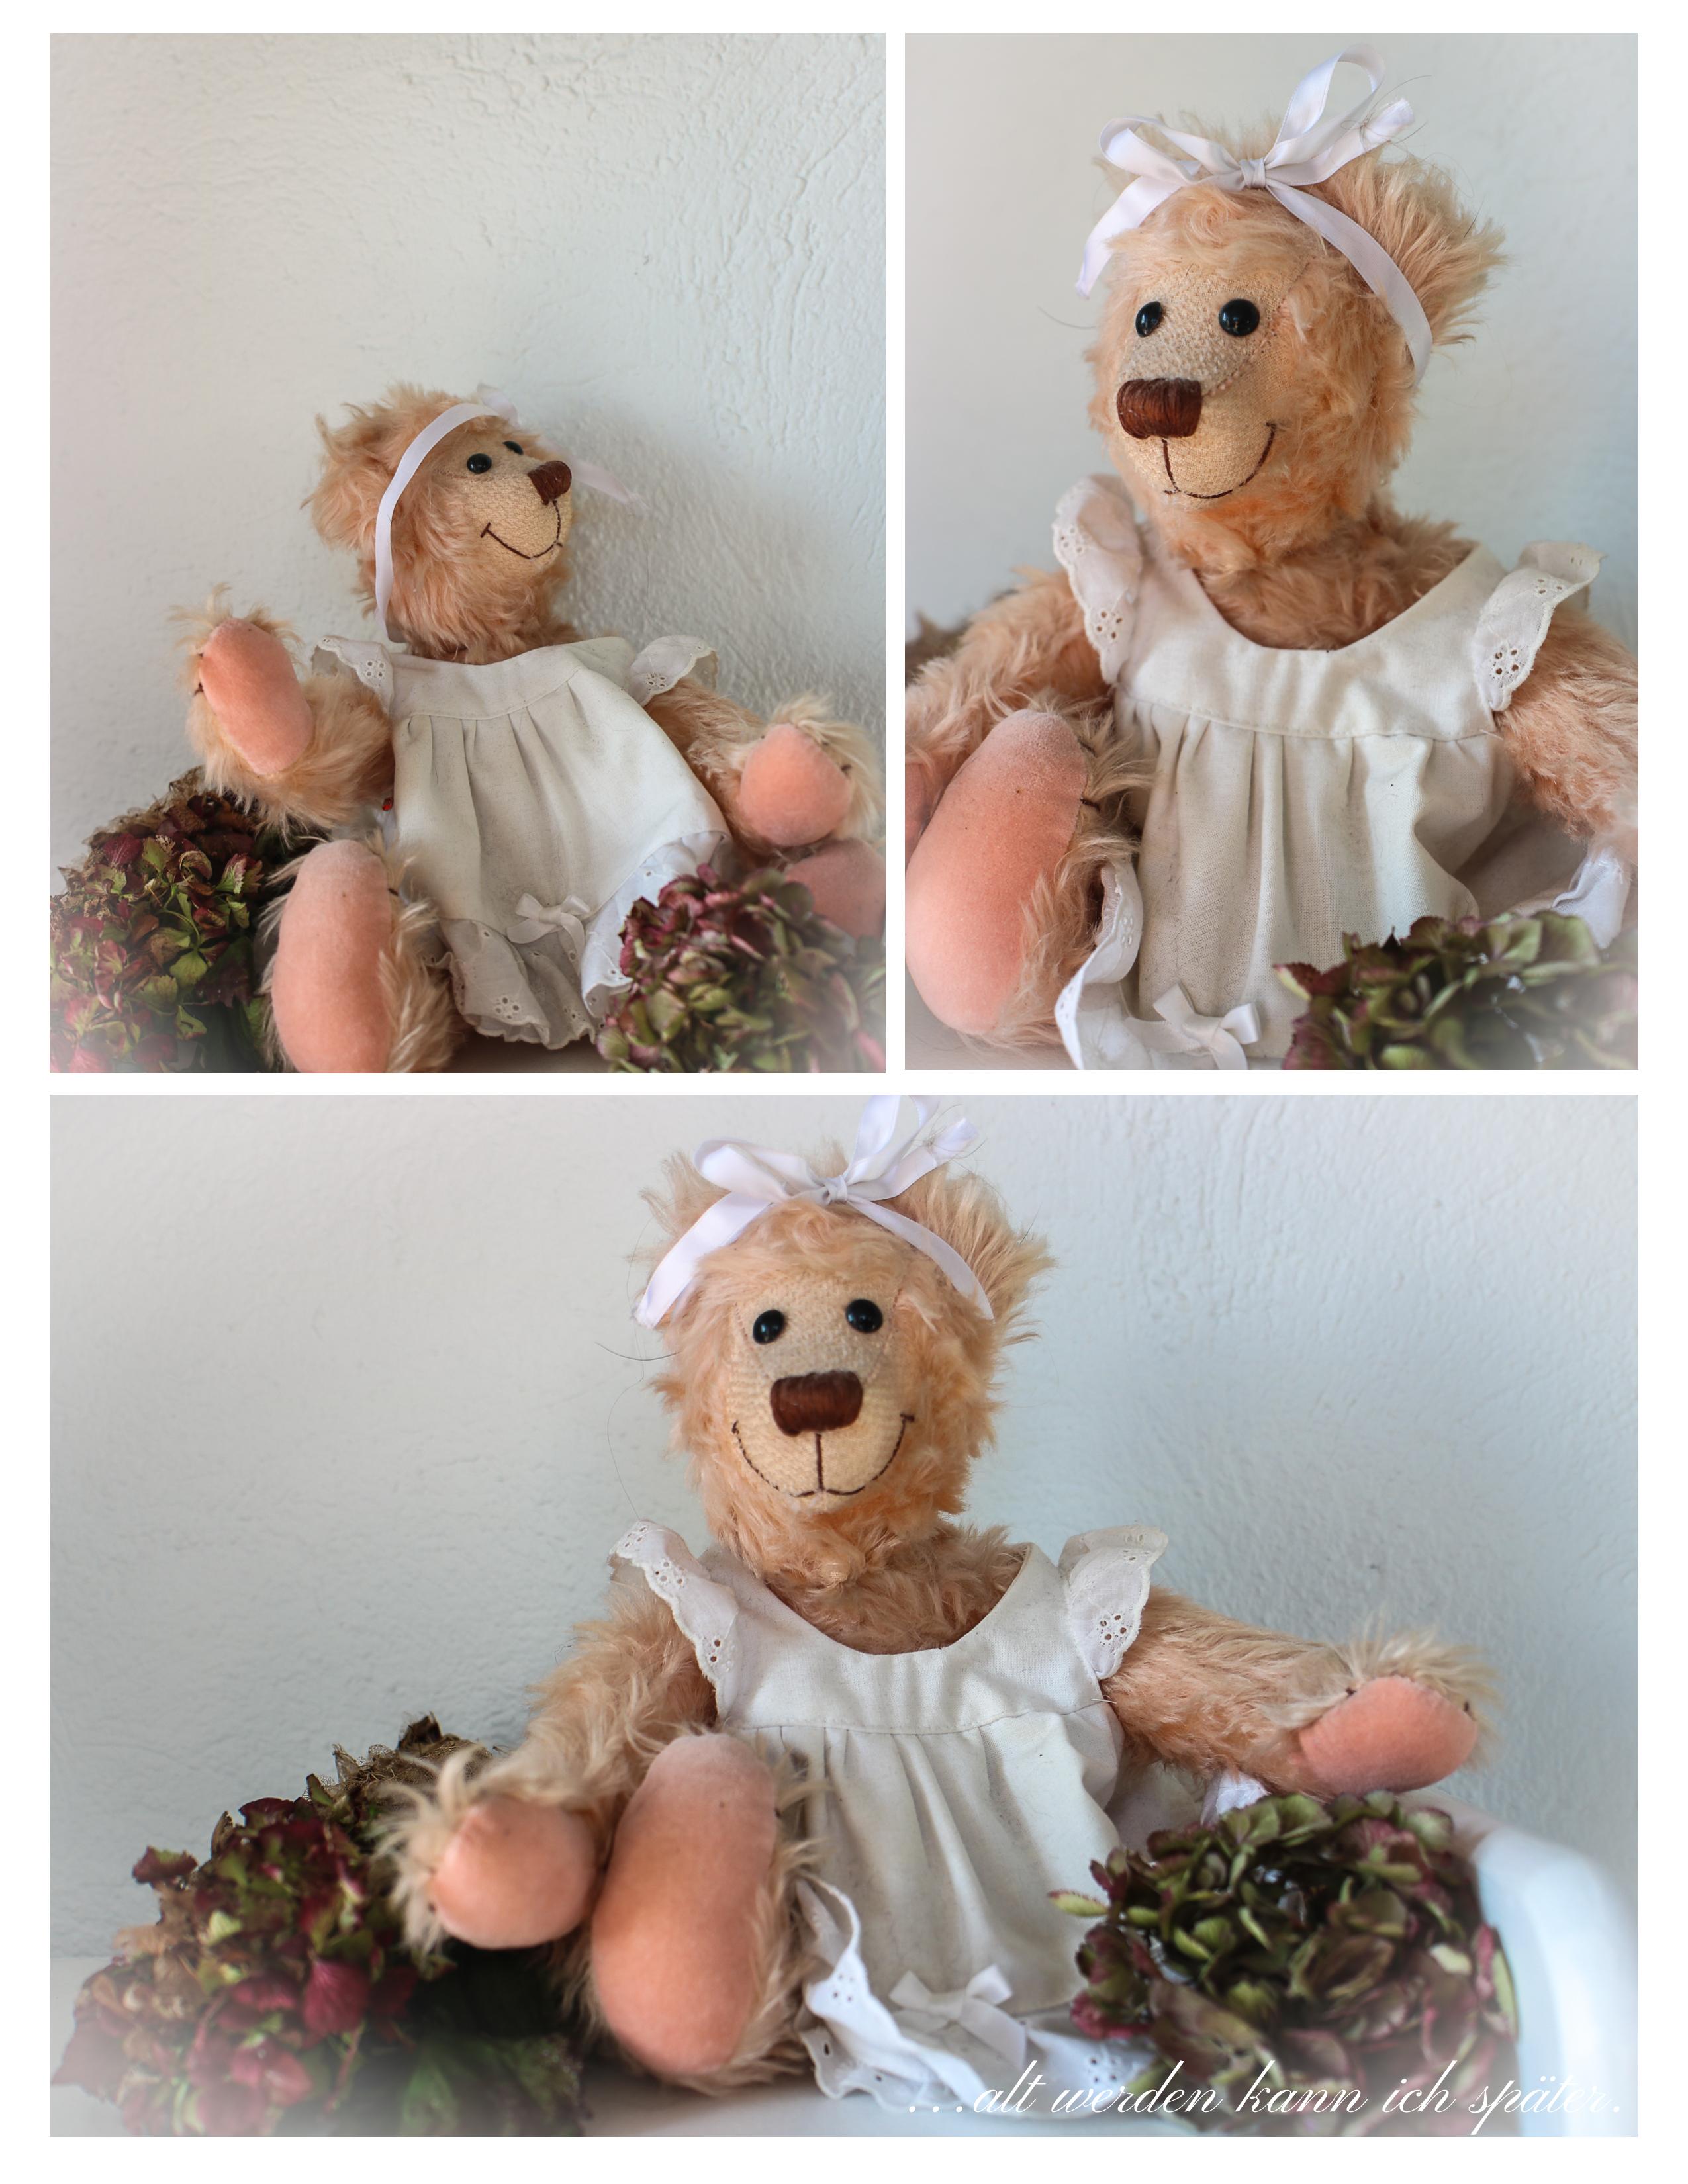 teddy beschriften lassen